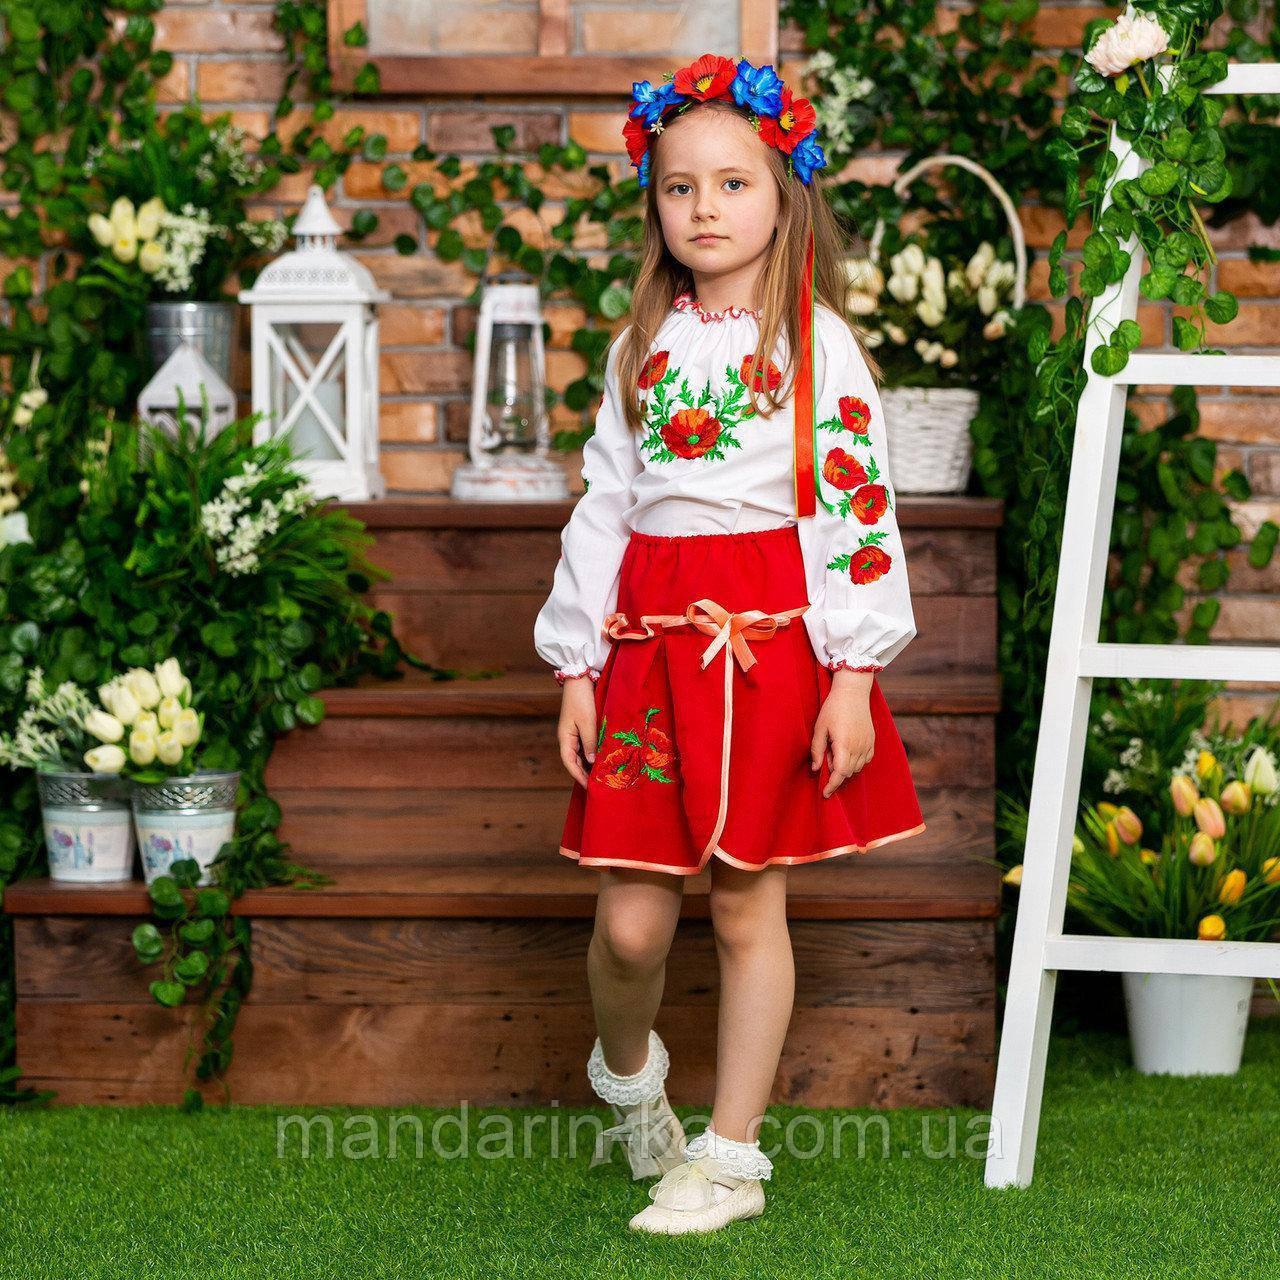 Юбка  красная с вышивкой  для  девочки